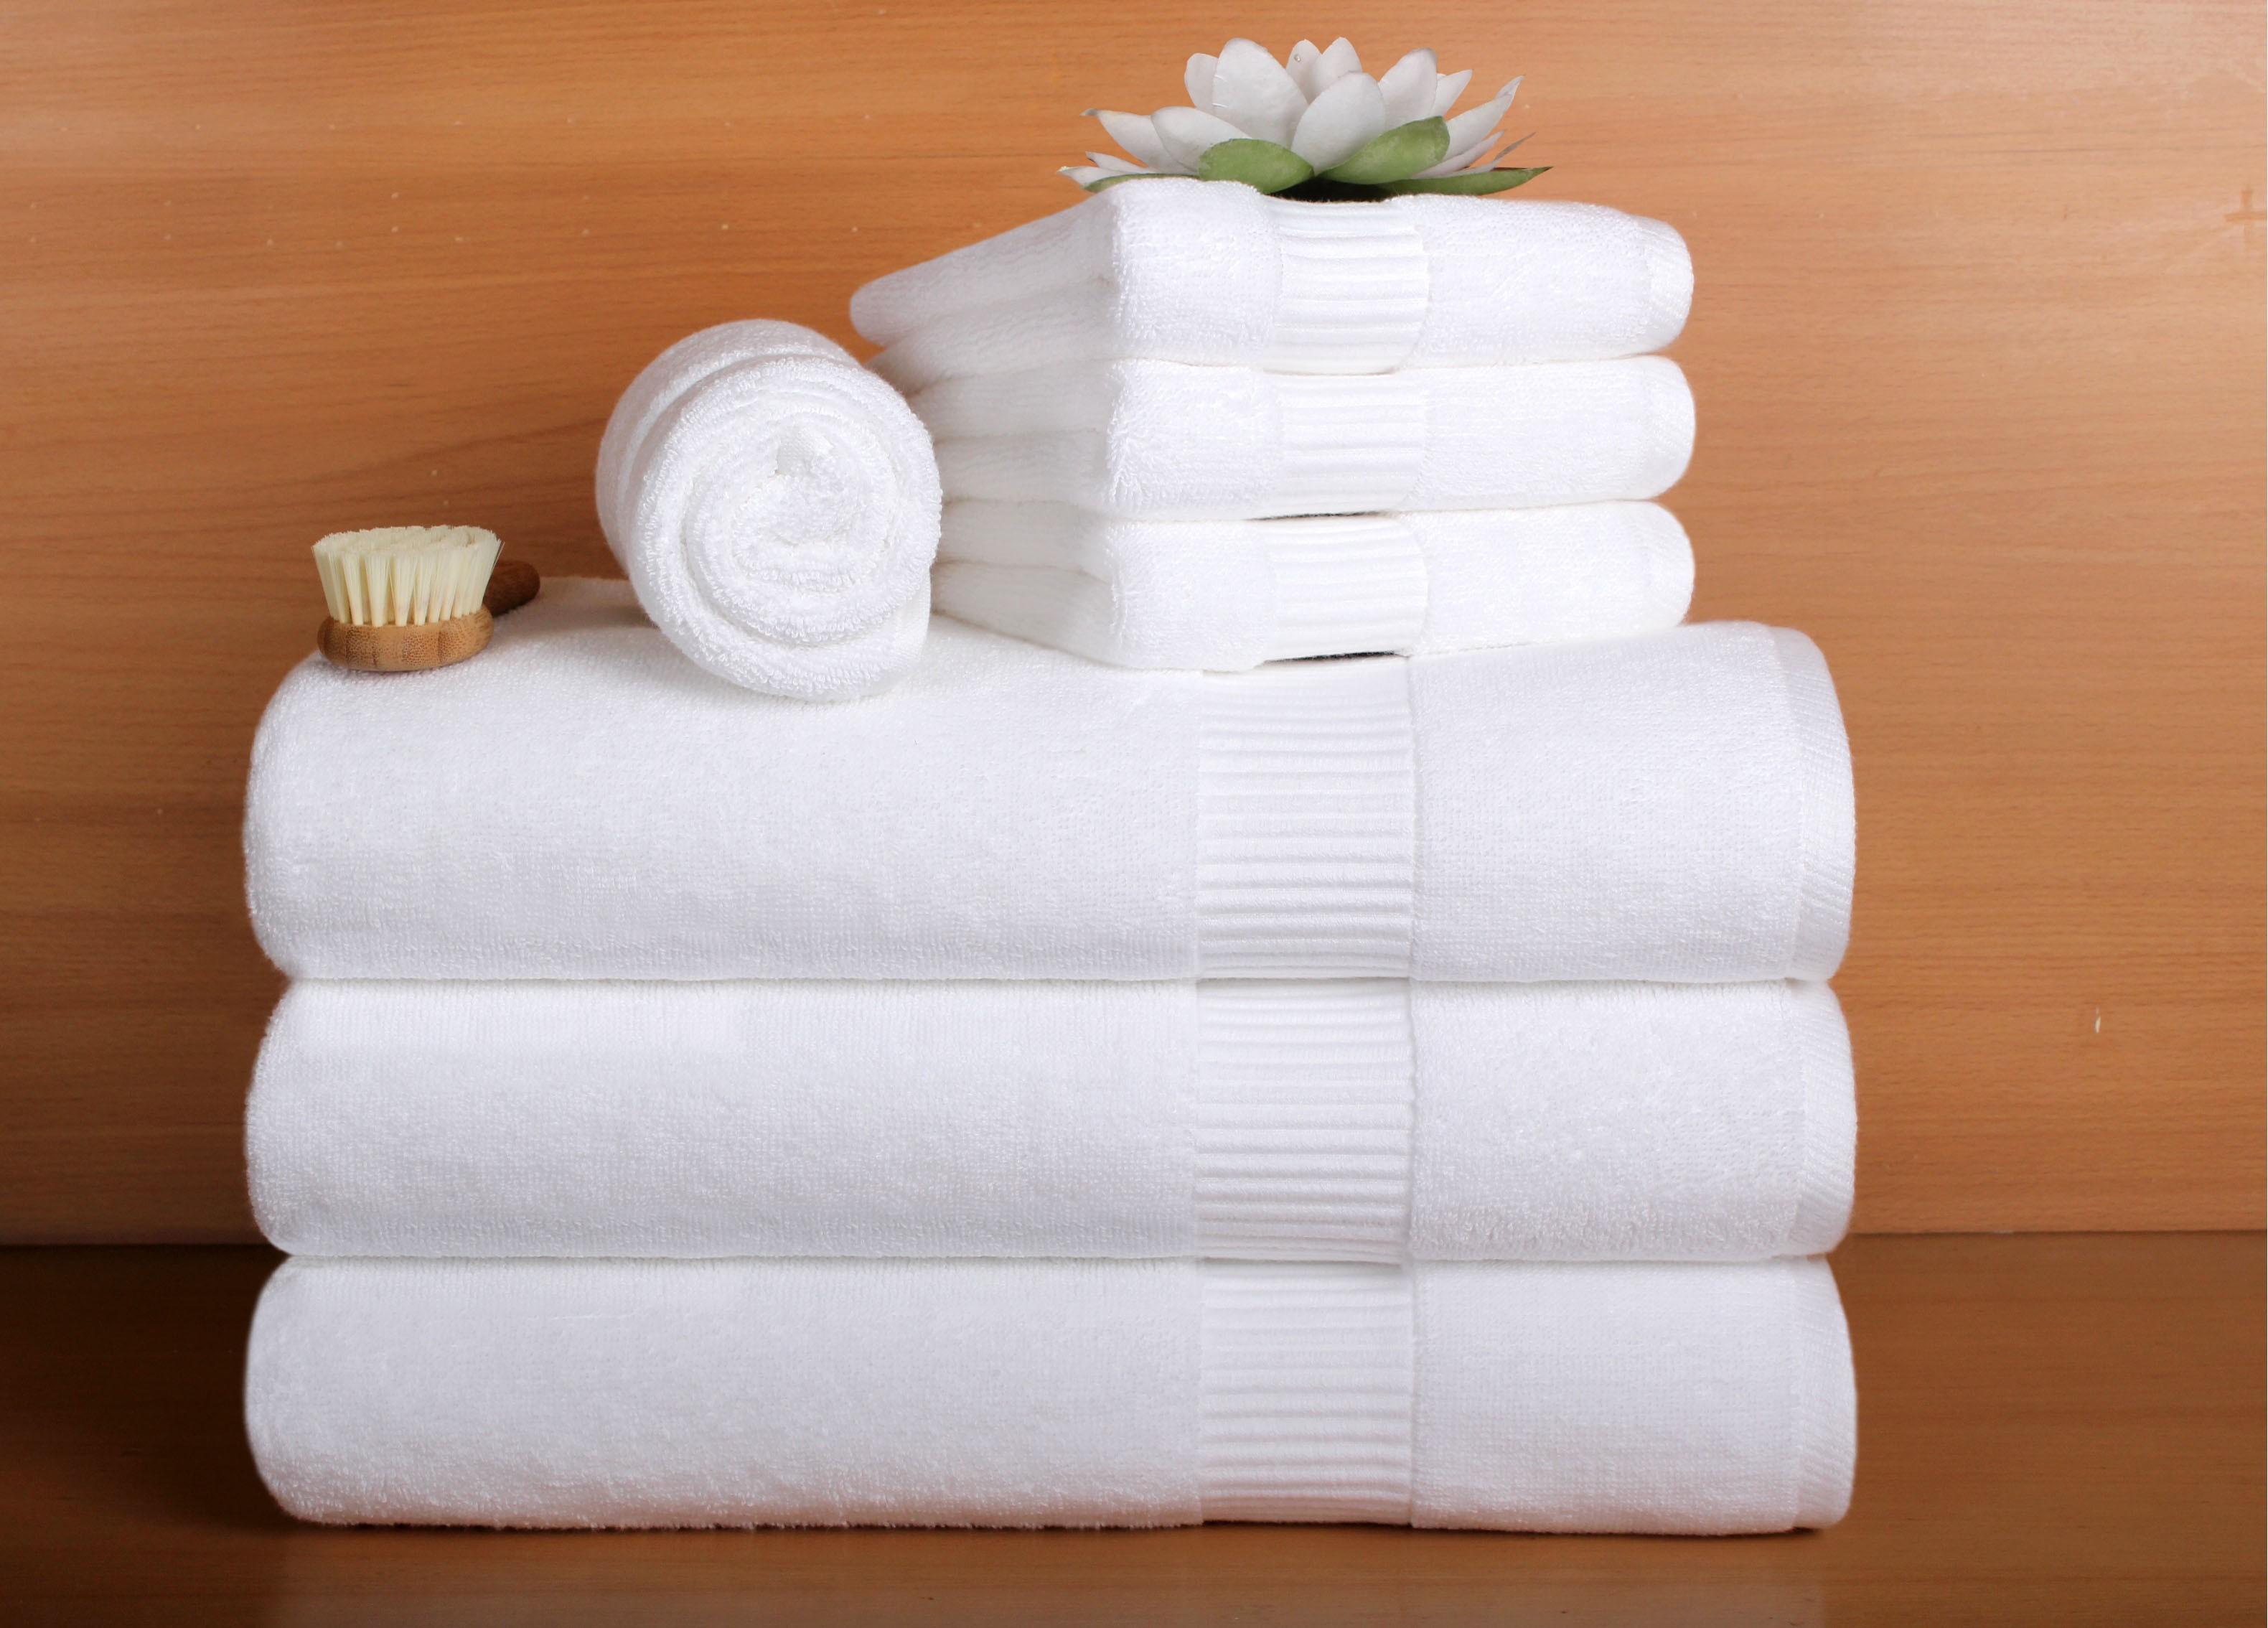 家のバスタオルをホテルにあるヤツみたいにふわふわにしたい!のサムネイル画像